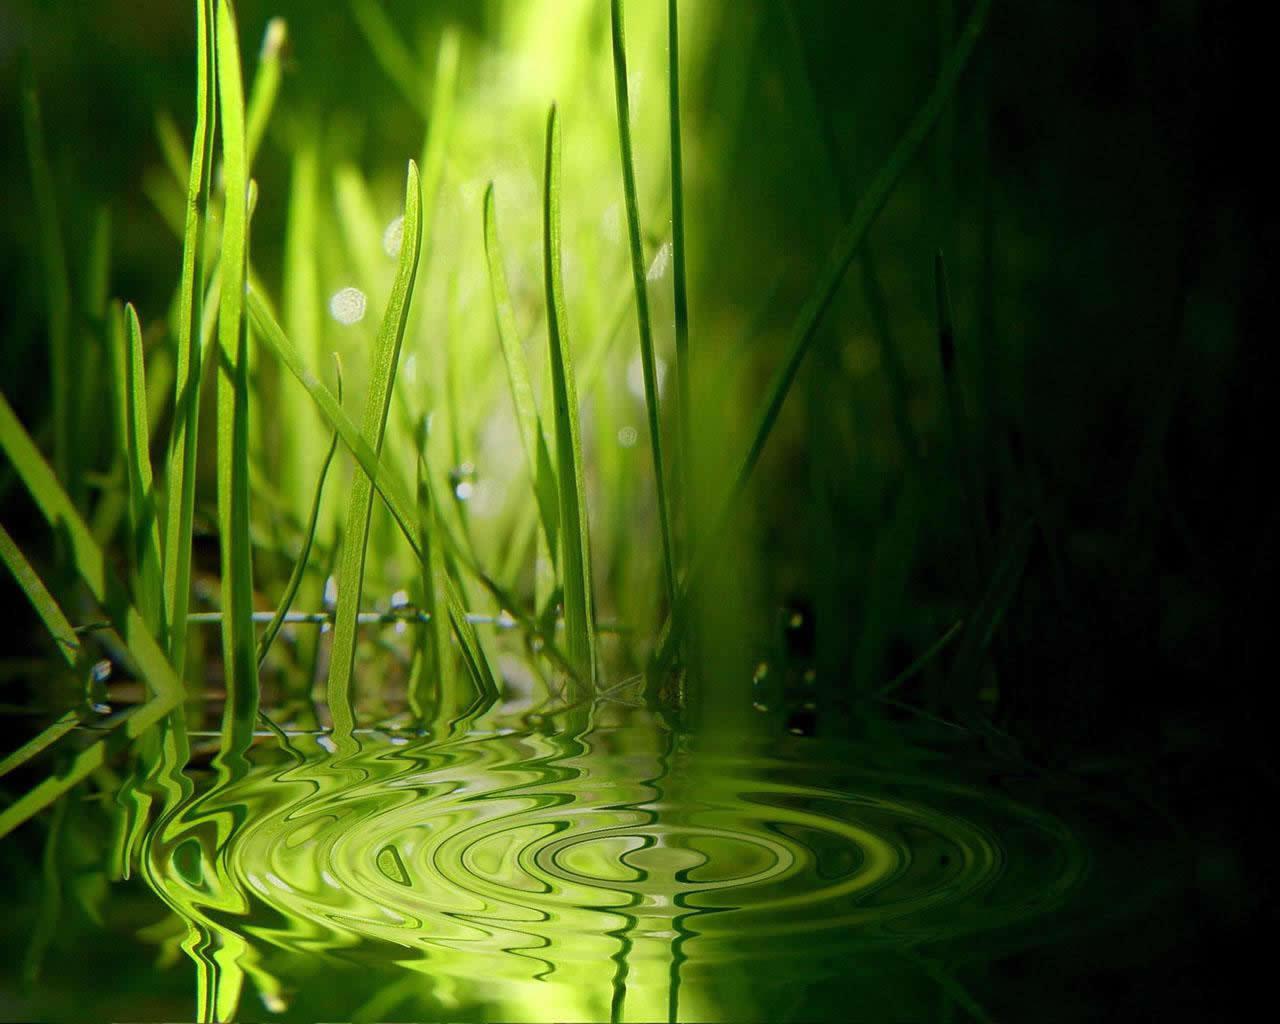 16112 скачать обои Вода, Трава, Фон - заставки и картинки бесплатно